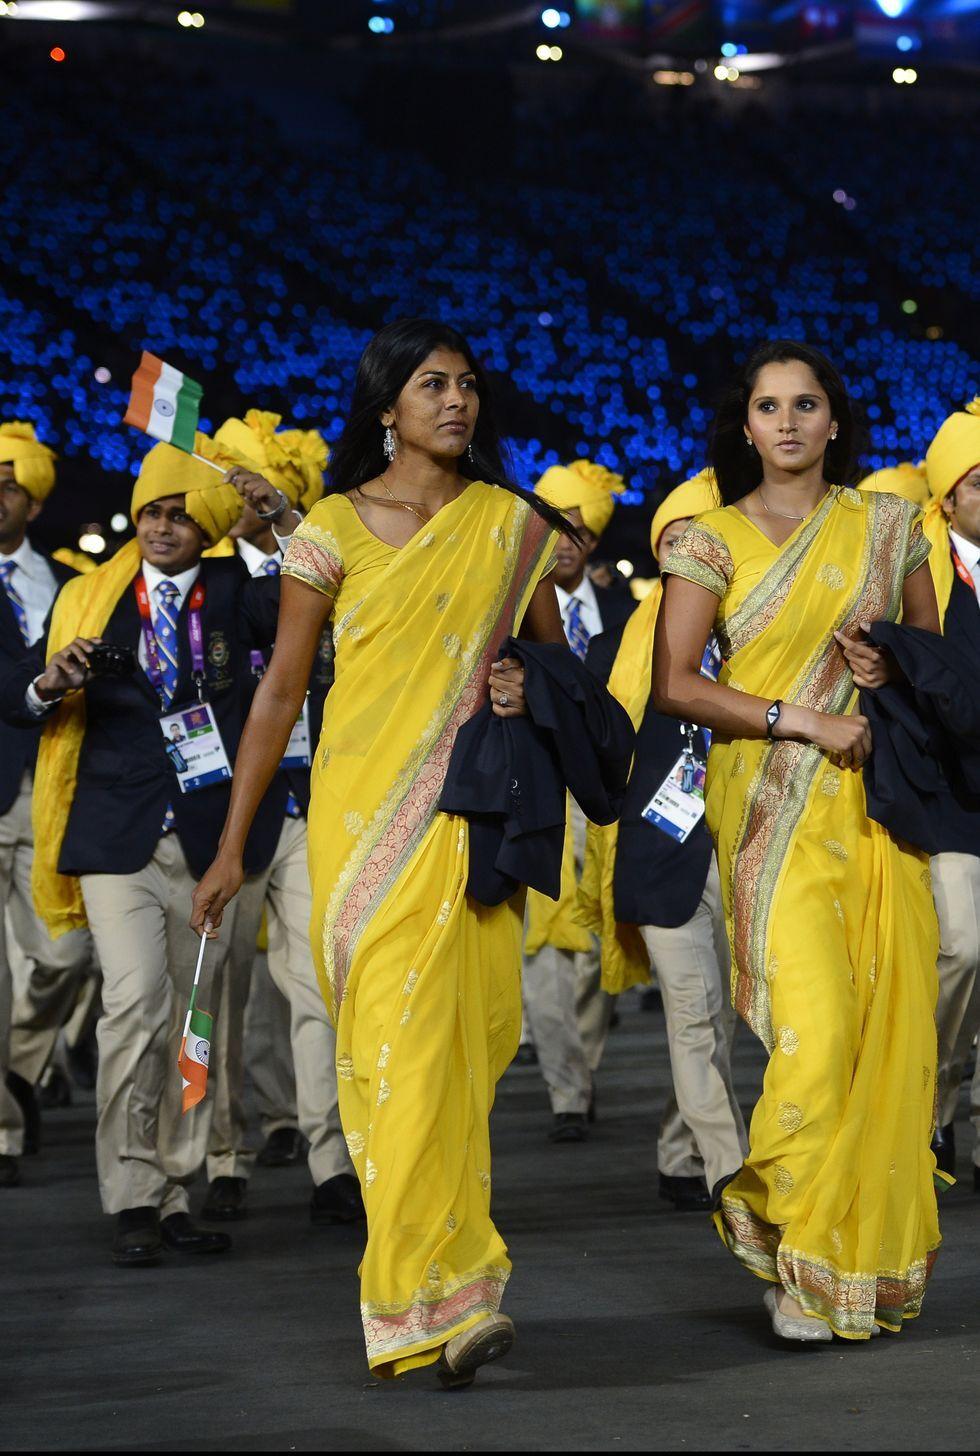 2012: Индия Олимпийският отбор на Индия се откроява по време на парада на церемонията по откриването в ярко жълти униформи в традиционен стил.